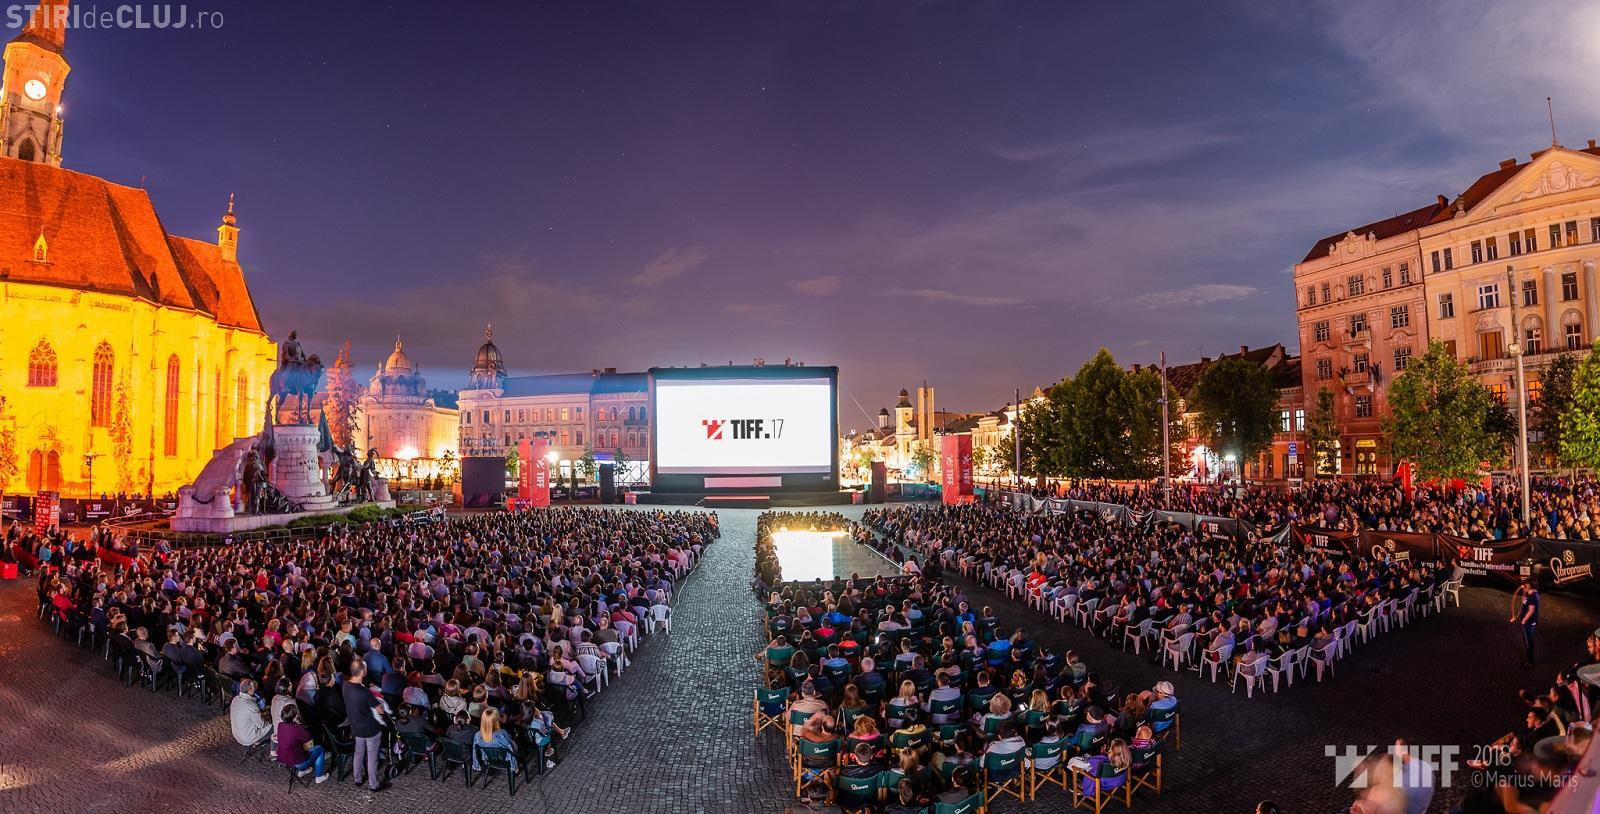 Peste 135.000 de oameni au participat la TIFF 2018. Cu ce recorduri se laudă organizatorii